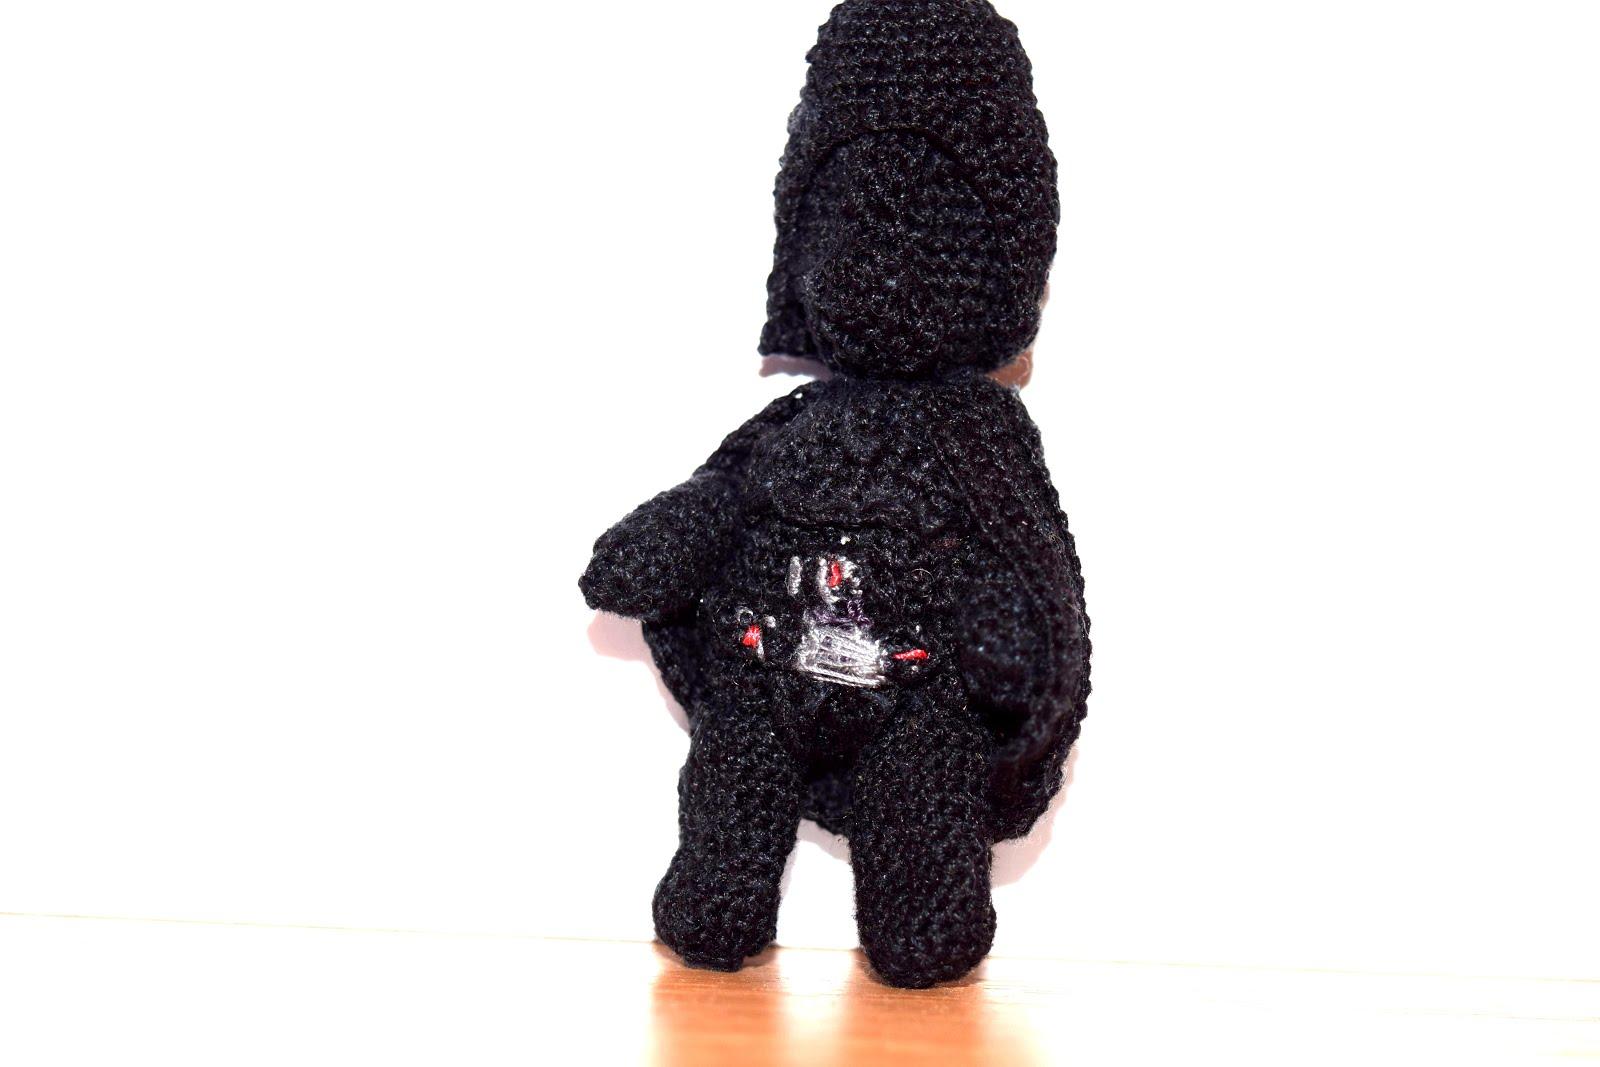 Darth Vader Crochet Amigurumi Bosnamigurumi